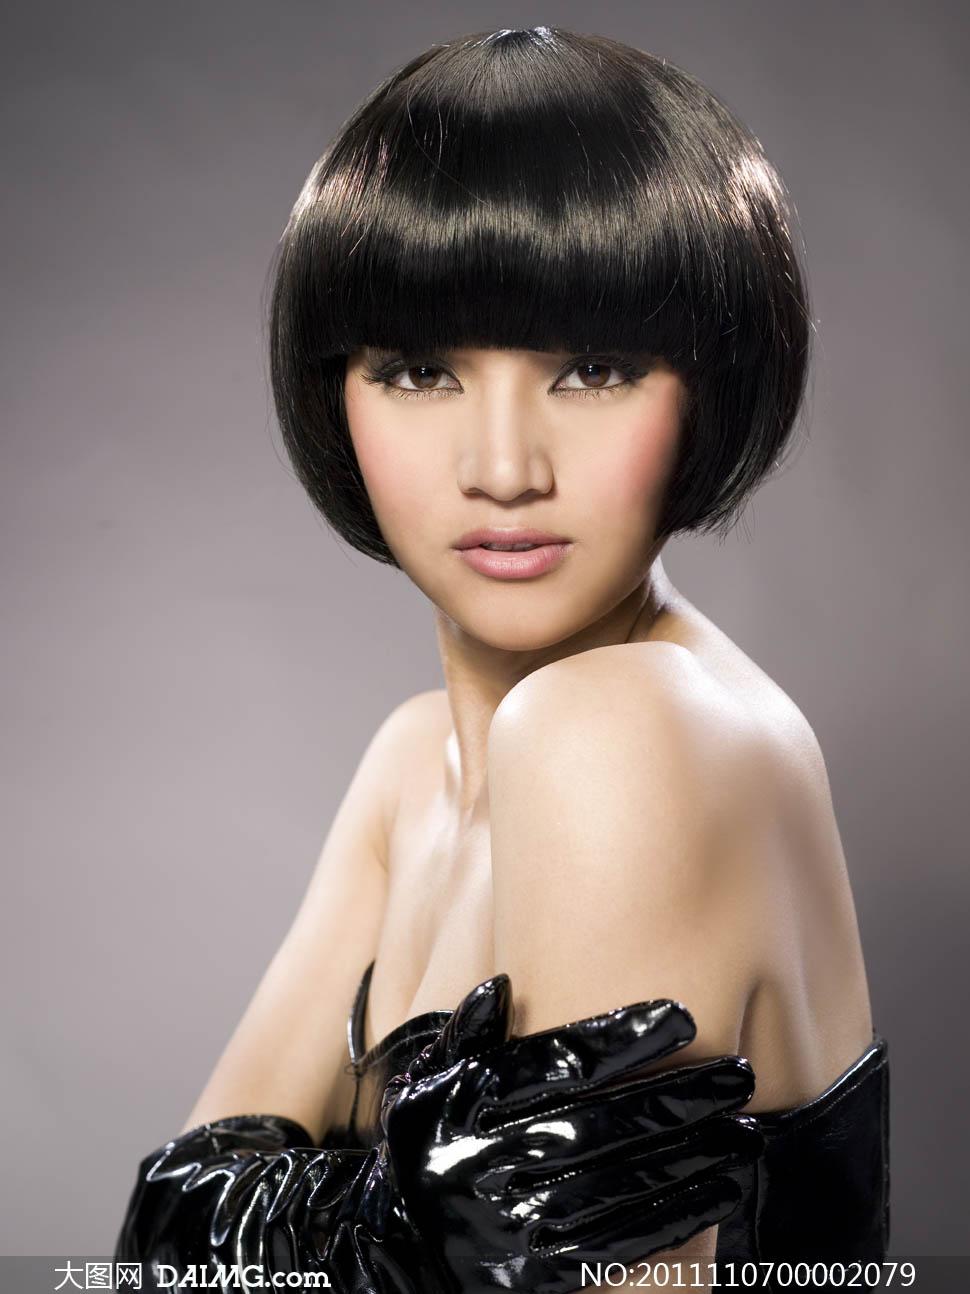 关键词: 发型美发理发店烫染造型沙宣发型模特美女模特短发头发性感